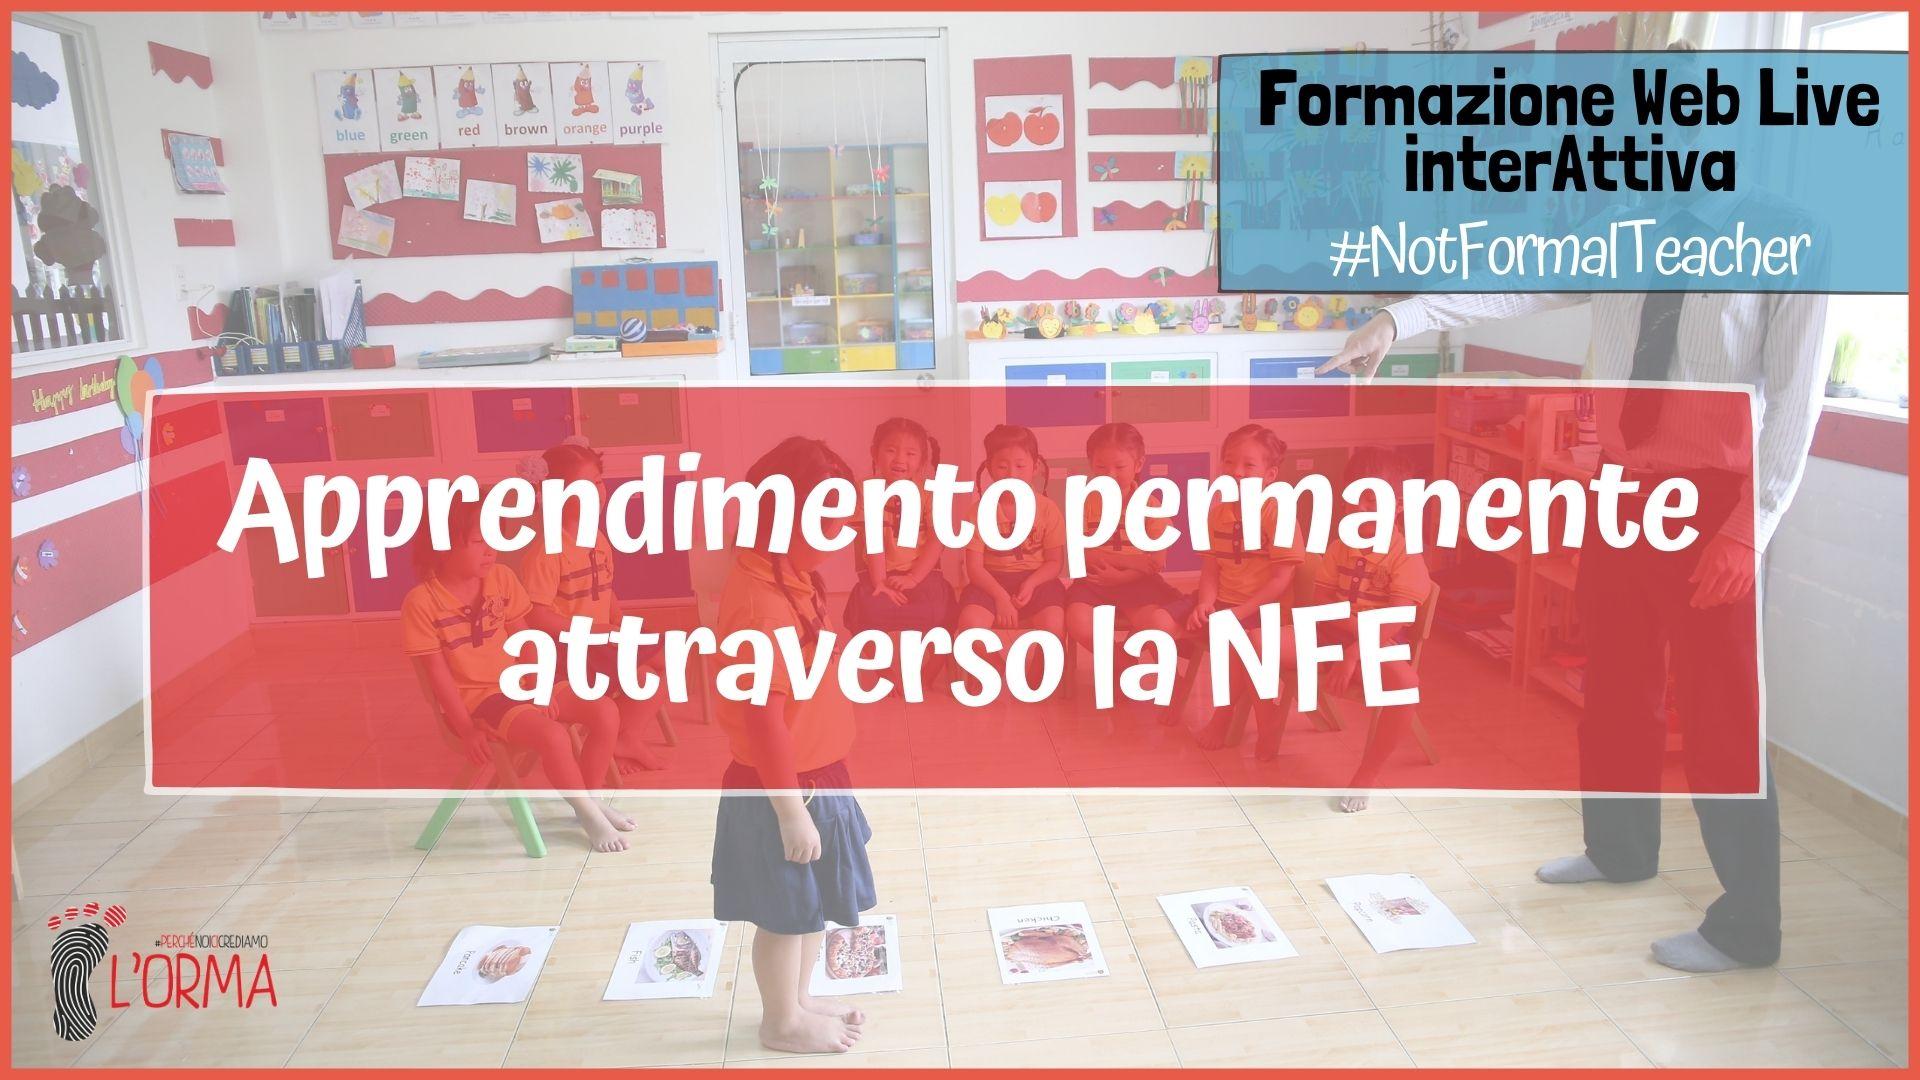 WebLive – Apprendimento permanente attraverso la NFE